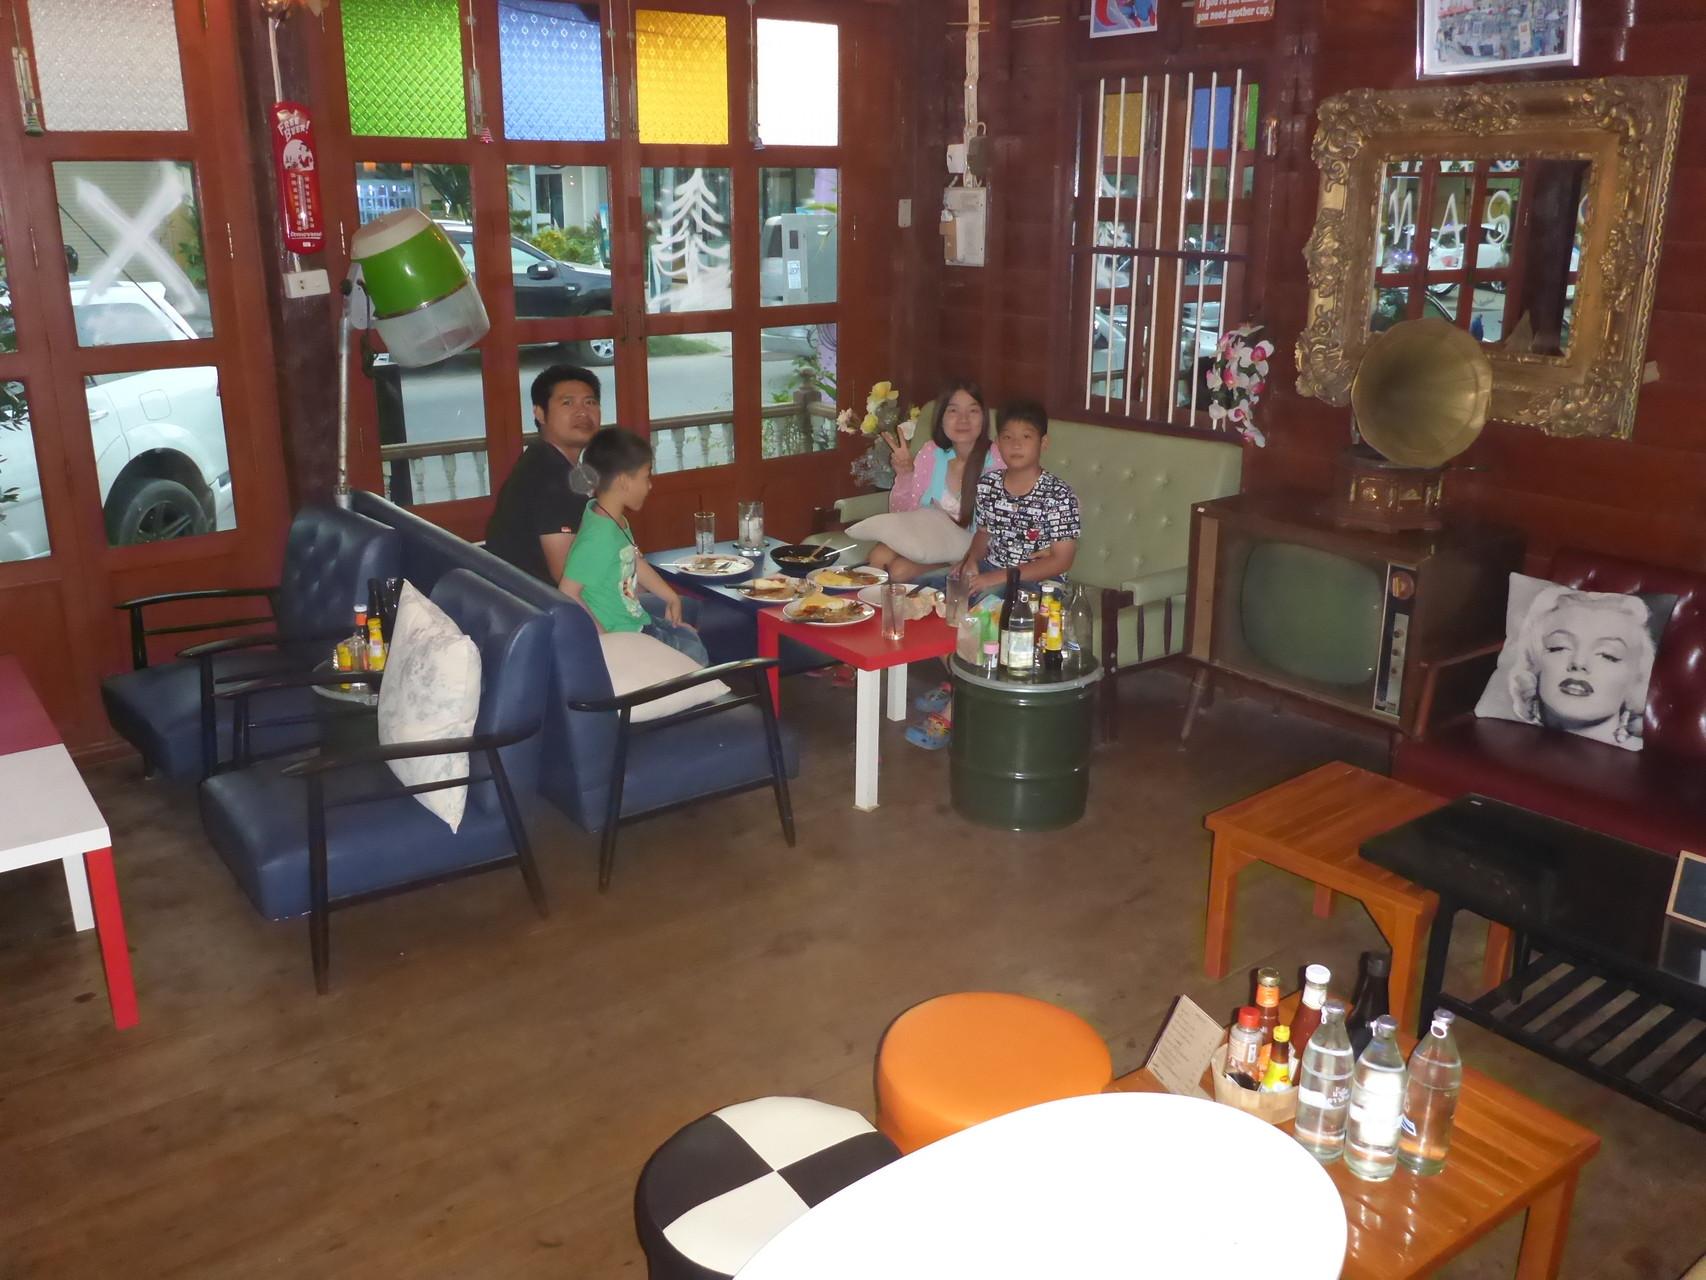 Der Hauptraum des Restaurants